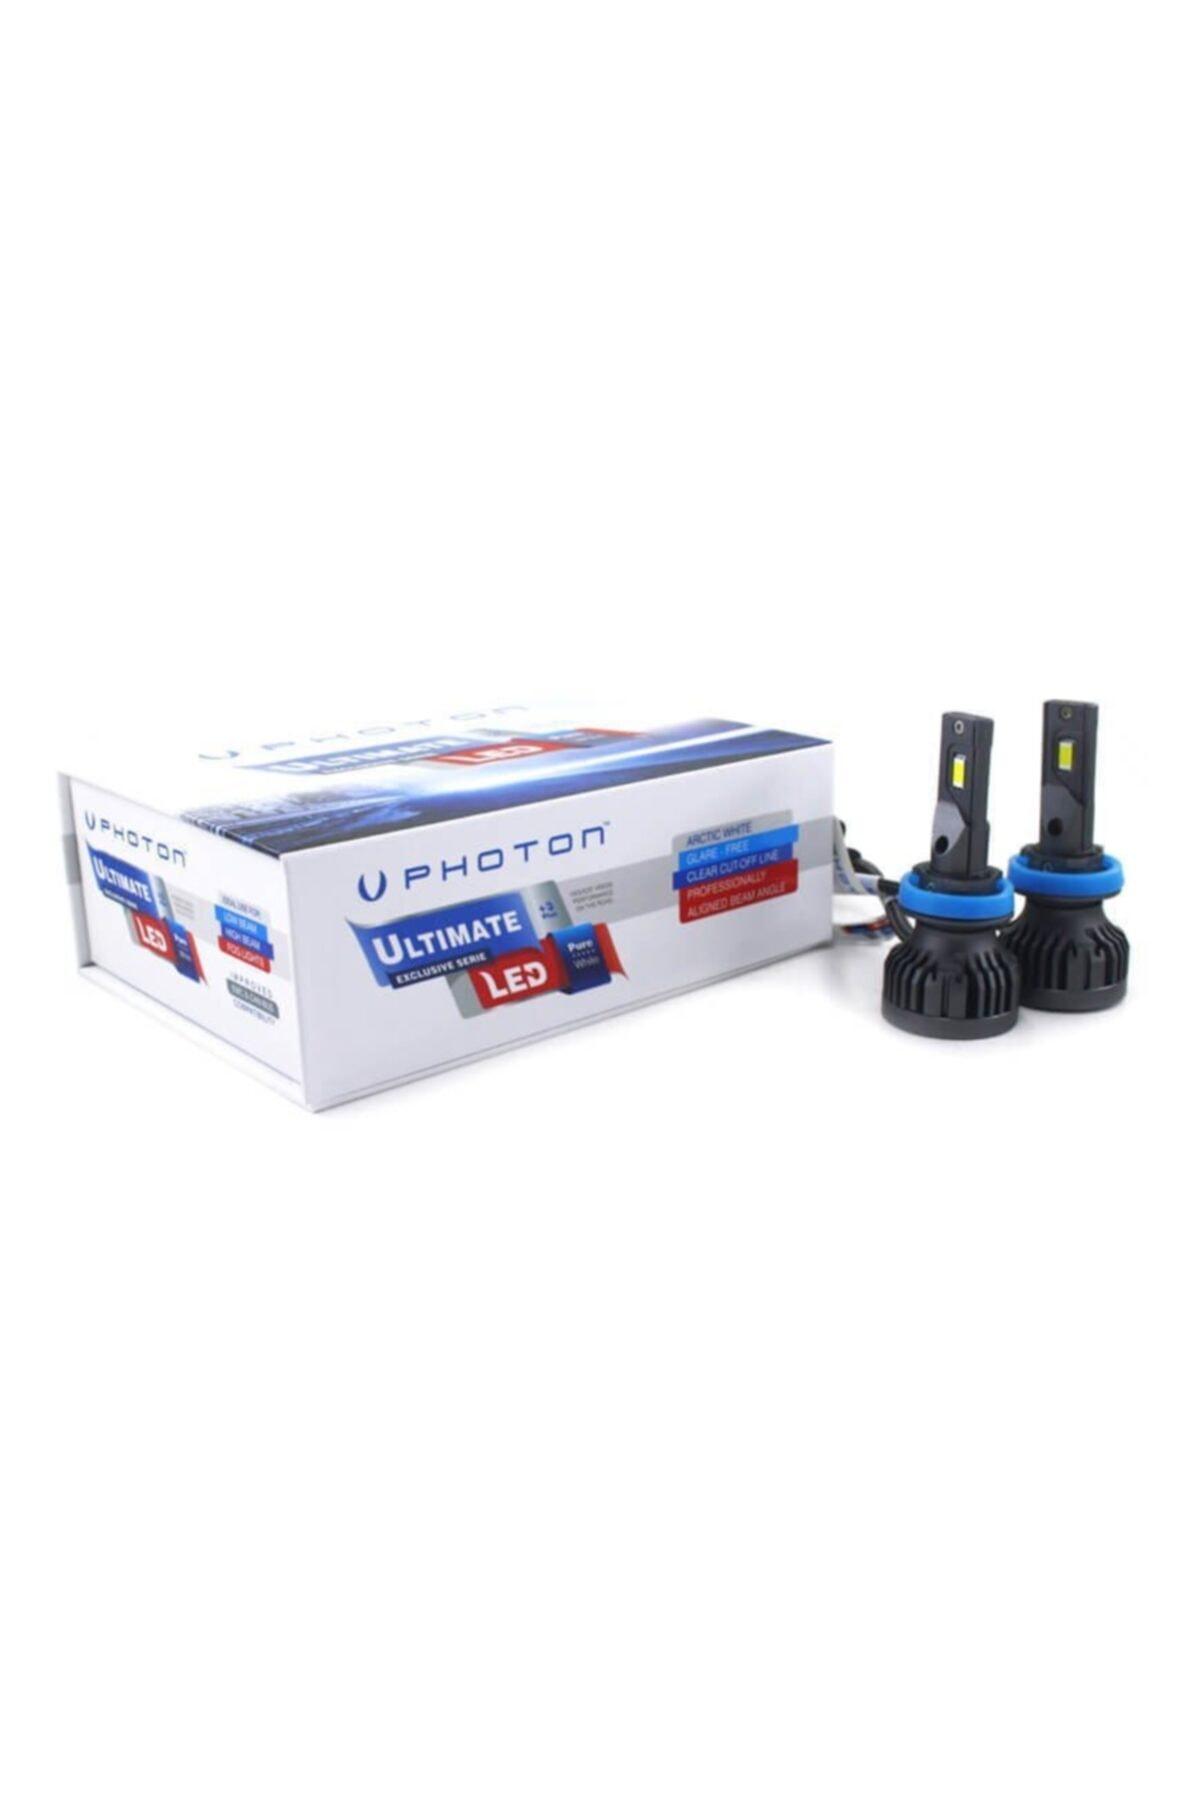 Photon H11 Led Xenon 9500 Lumens Ul2329-h11 1